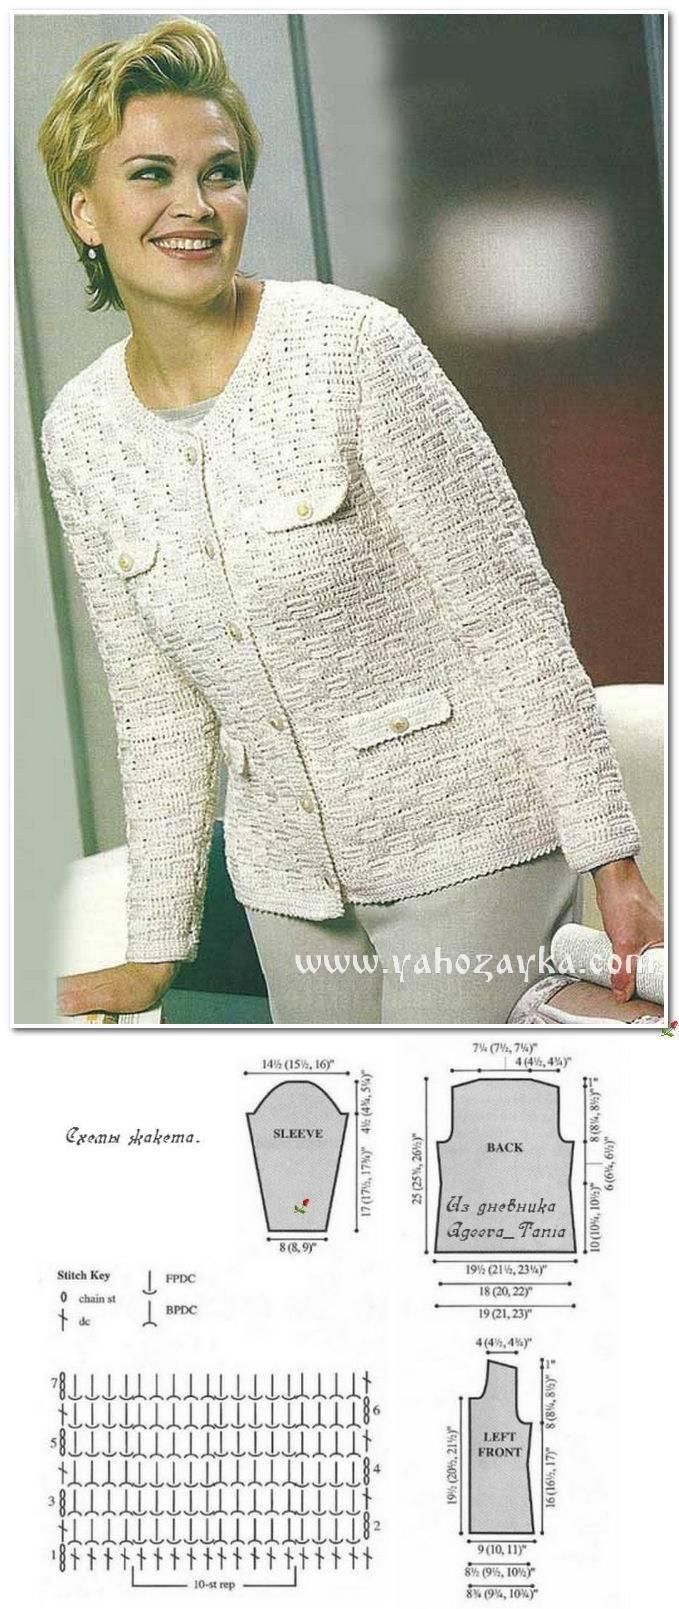 Favolosa giacca bianca stile Chanel all'uncinetto, con punti in rilievo.